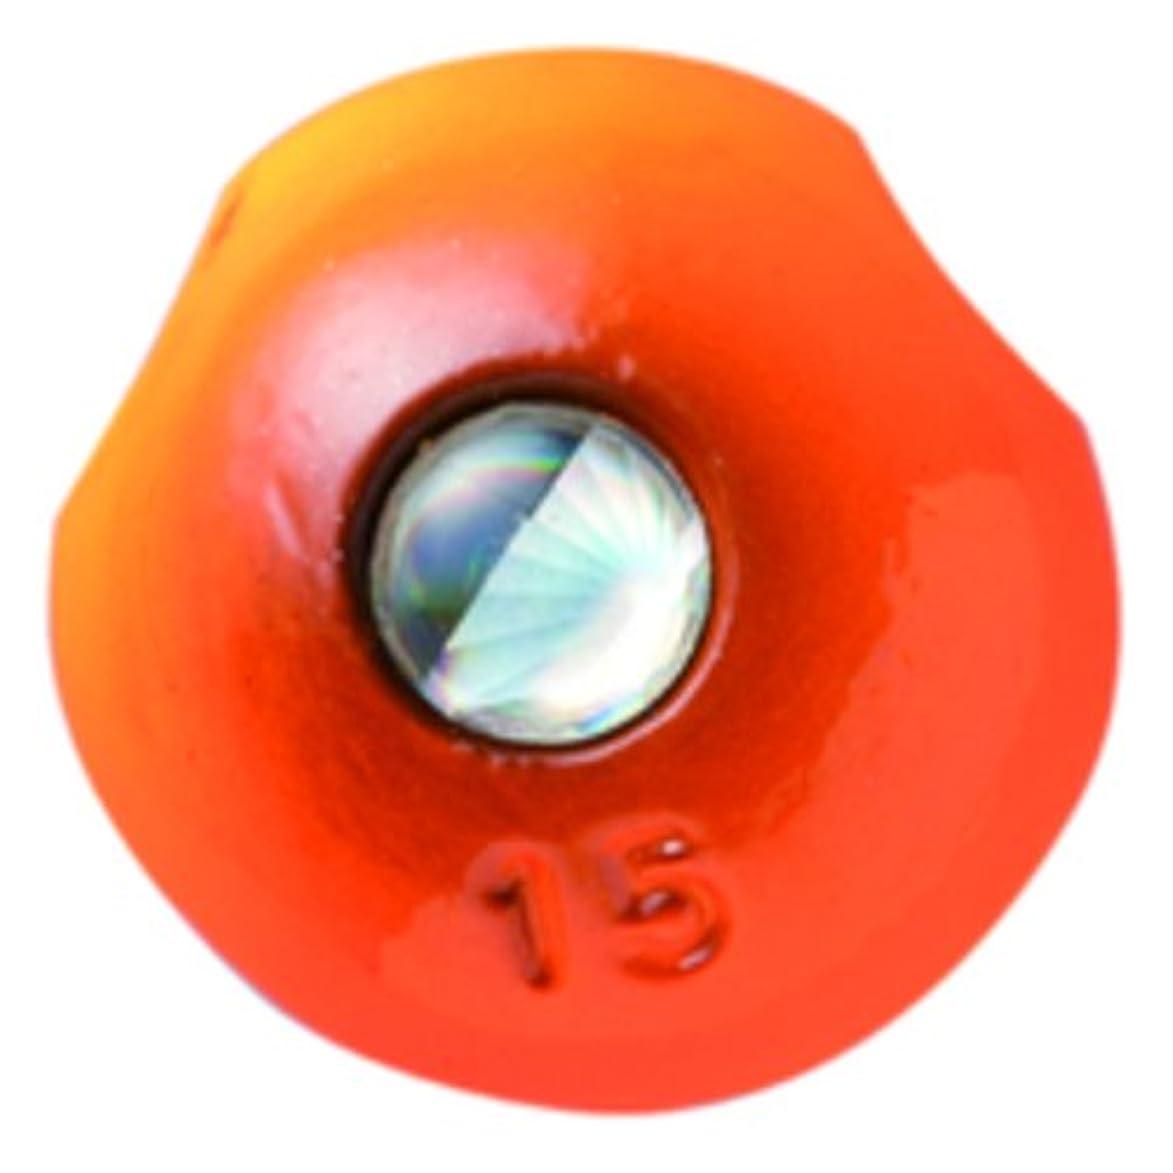 小石セメントノートハヤブサ(Hayabusa) タイラバ 無双真鯛フリースライド 真鯛専用テンヤ玉 潮斬鯛玉 12号 P560 オレンジ #14 1個